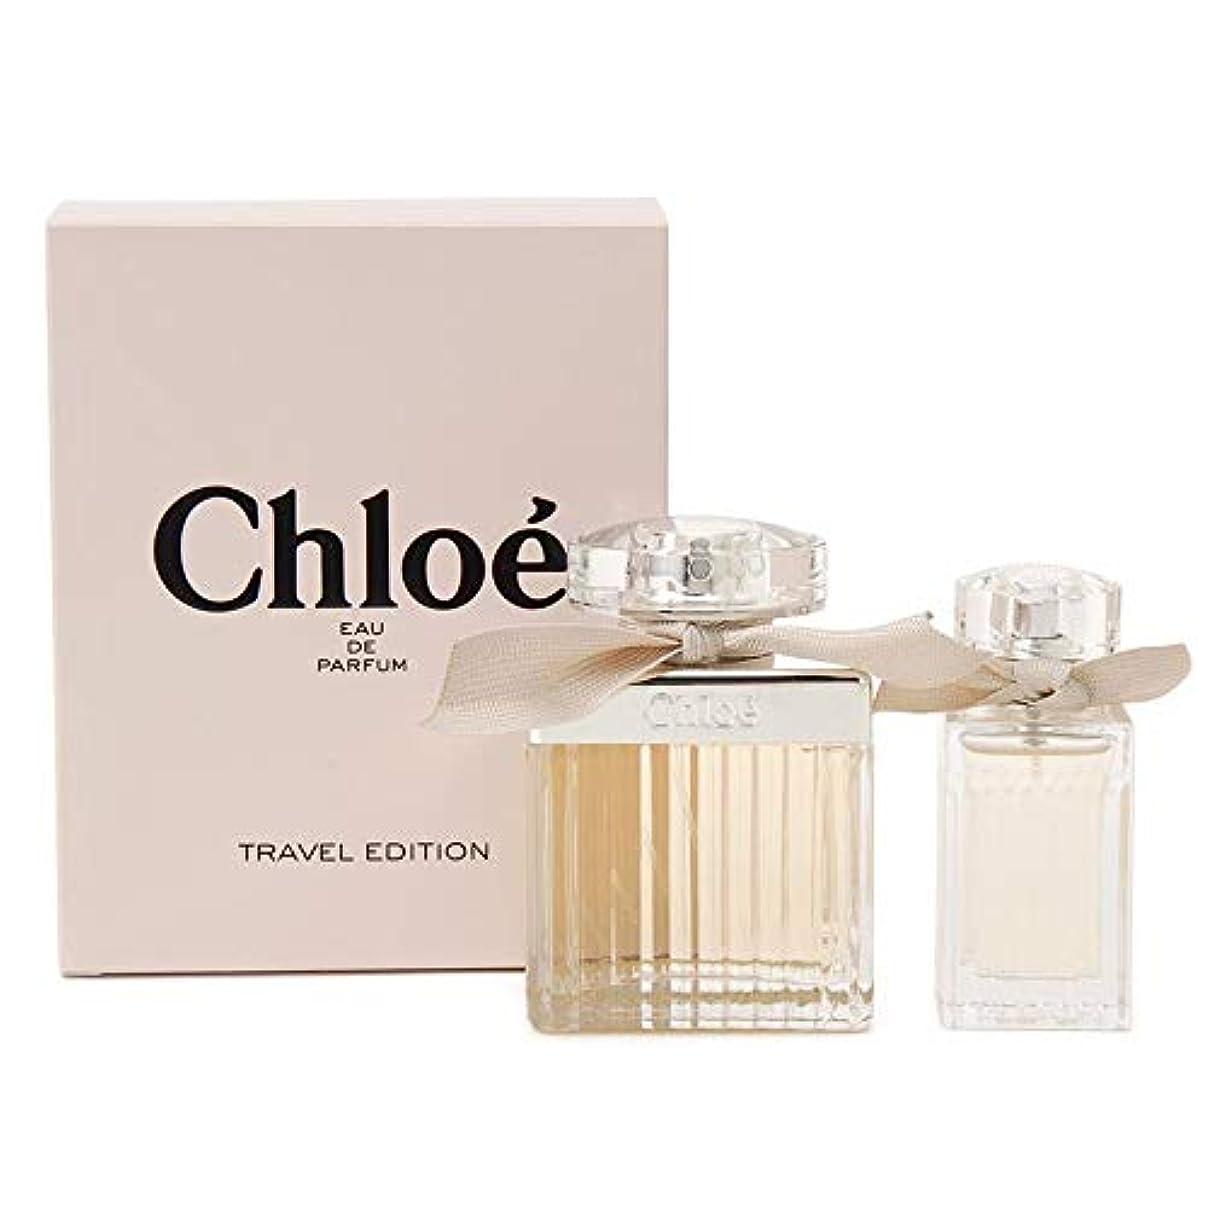 見積り番号悪いクロエ chloe オードパルファム 香水セット 20ml 75ml 2P 香水 レディース 女性用 フレグランス [並行輸入品]